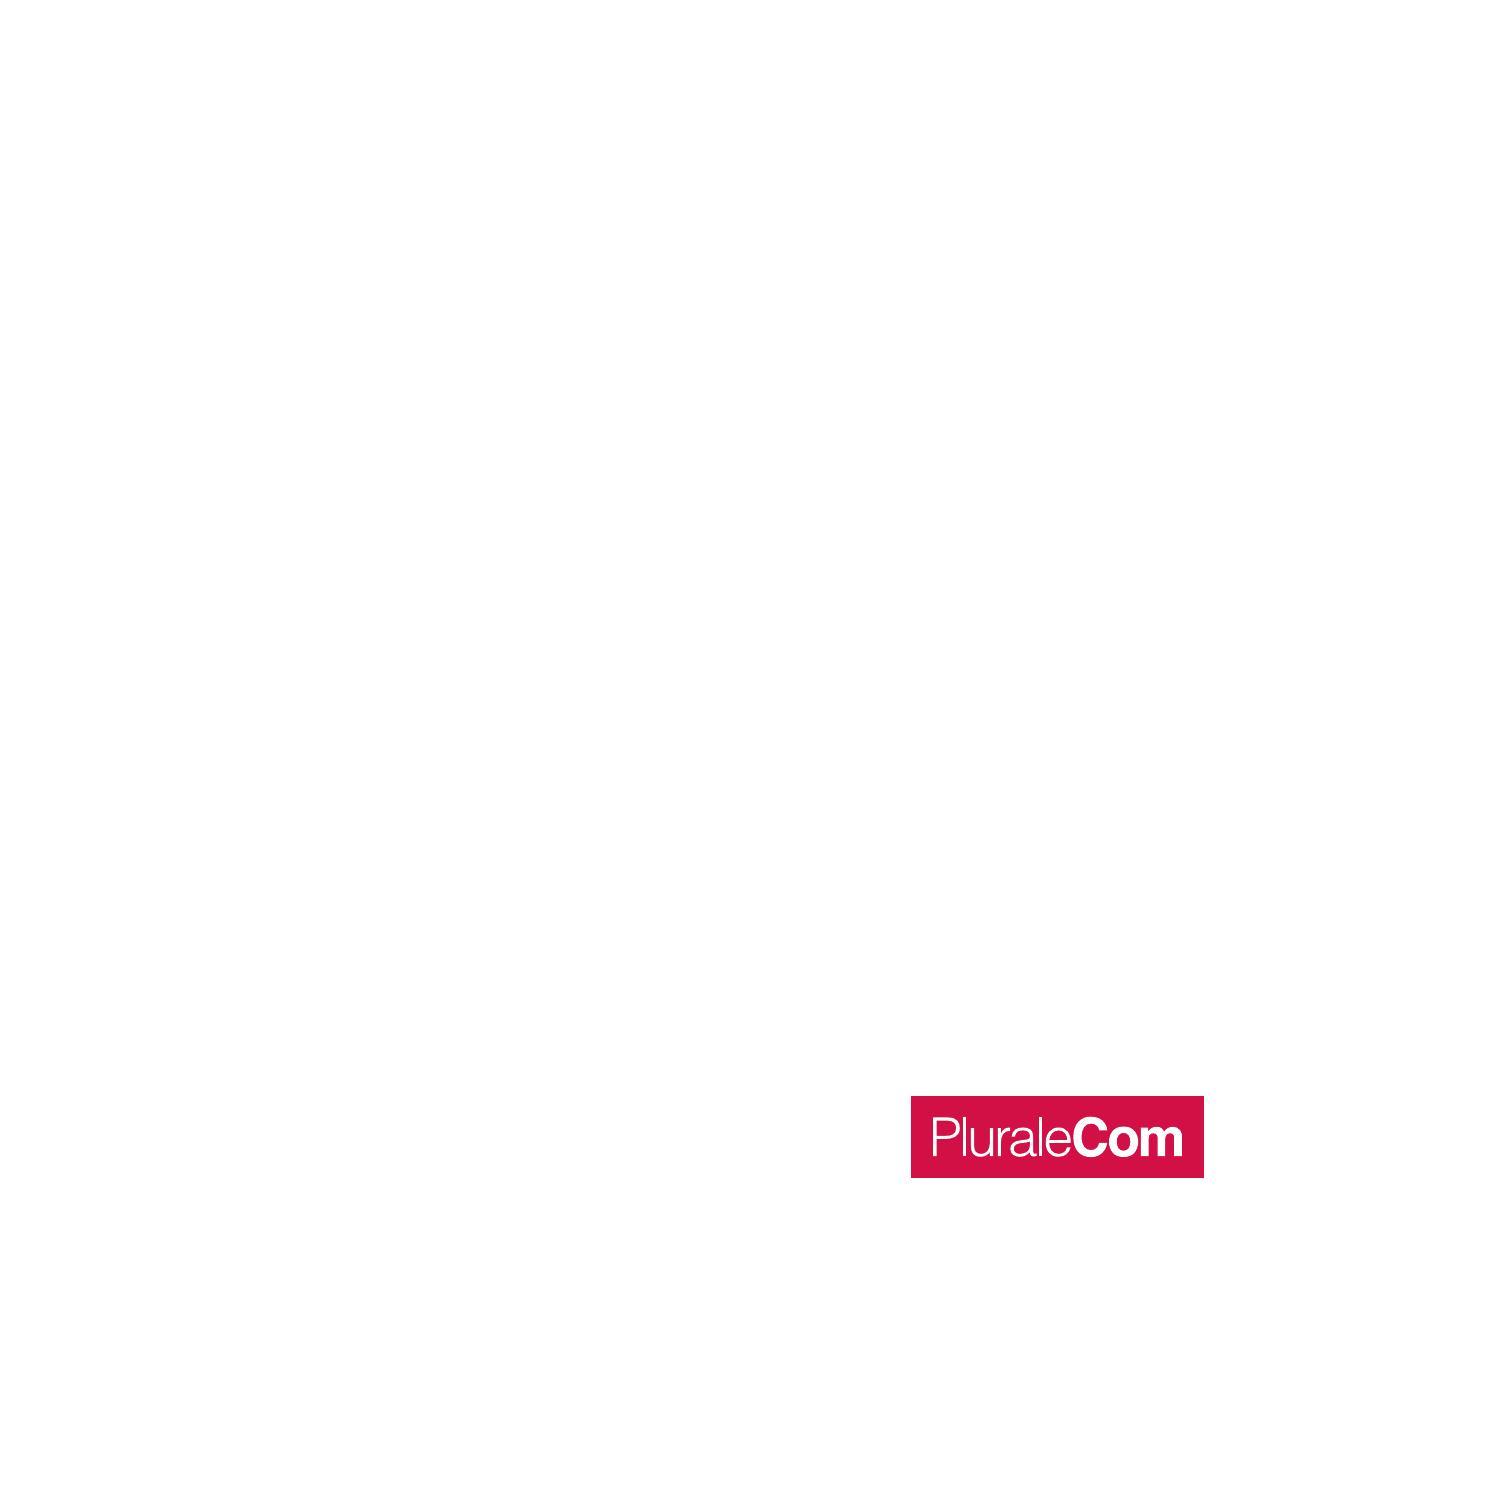 5f87dd13b8 PluraleCom Catalogo Generale Bianco by PluraleCom - issuu